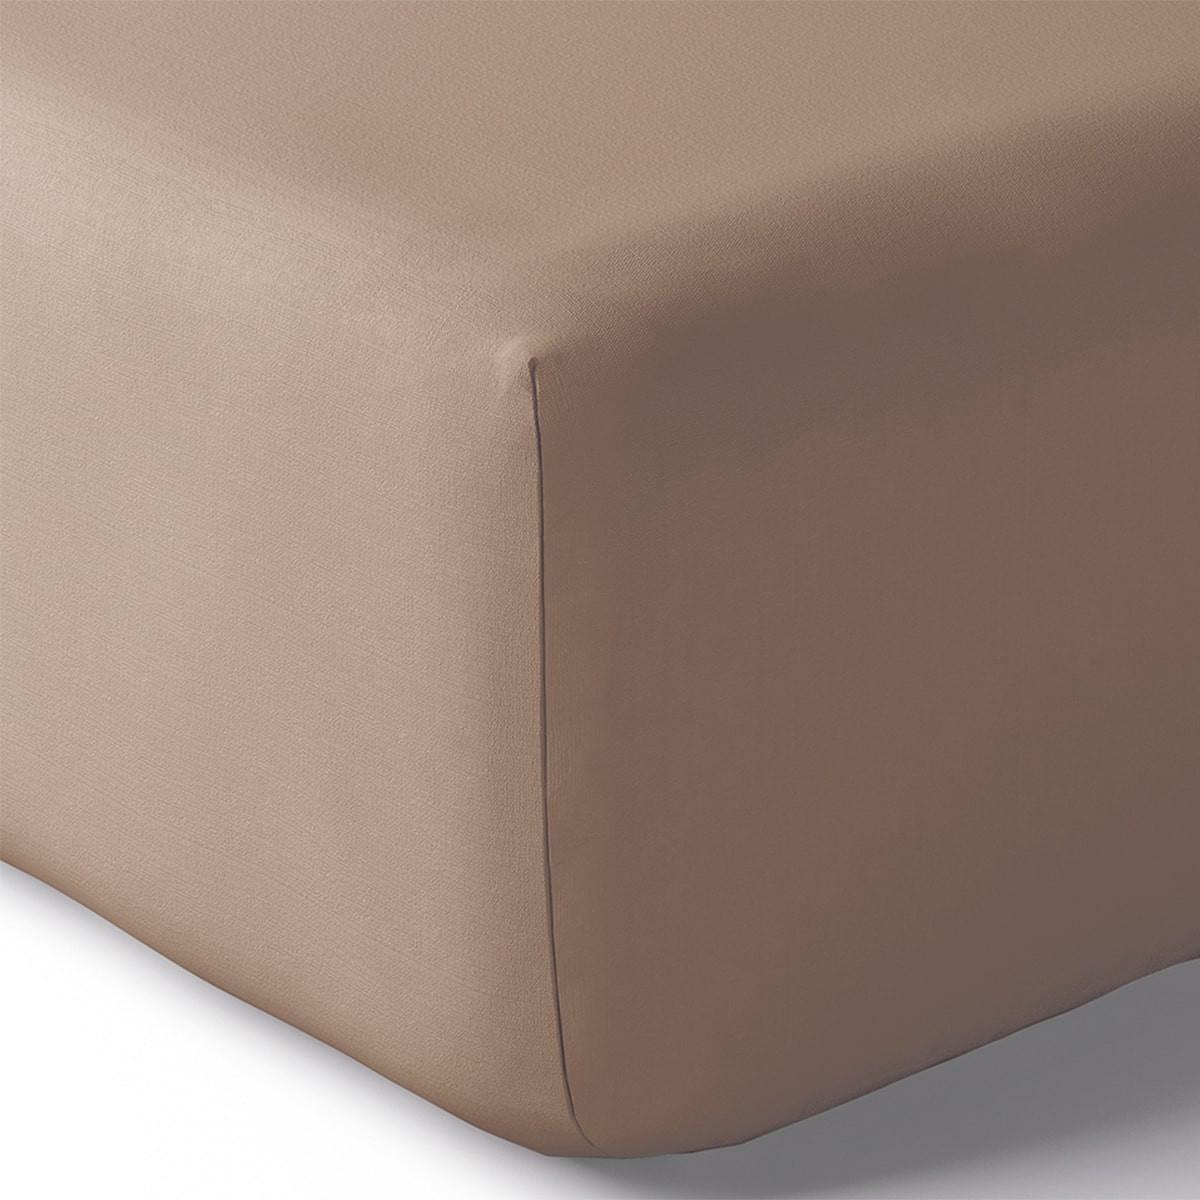 Drap housse coton 140x190 cm vison